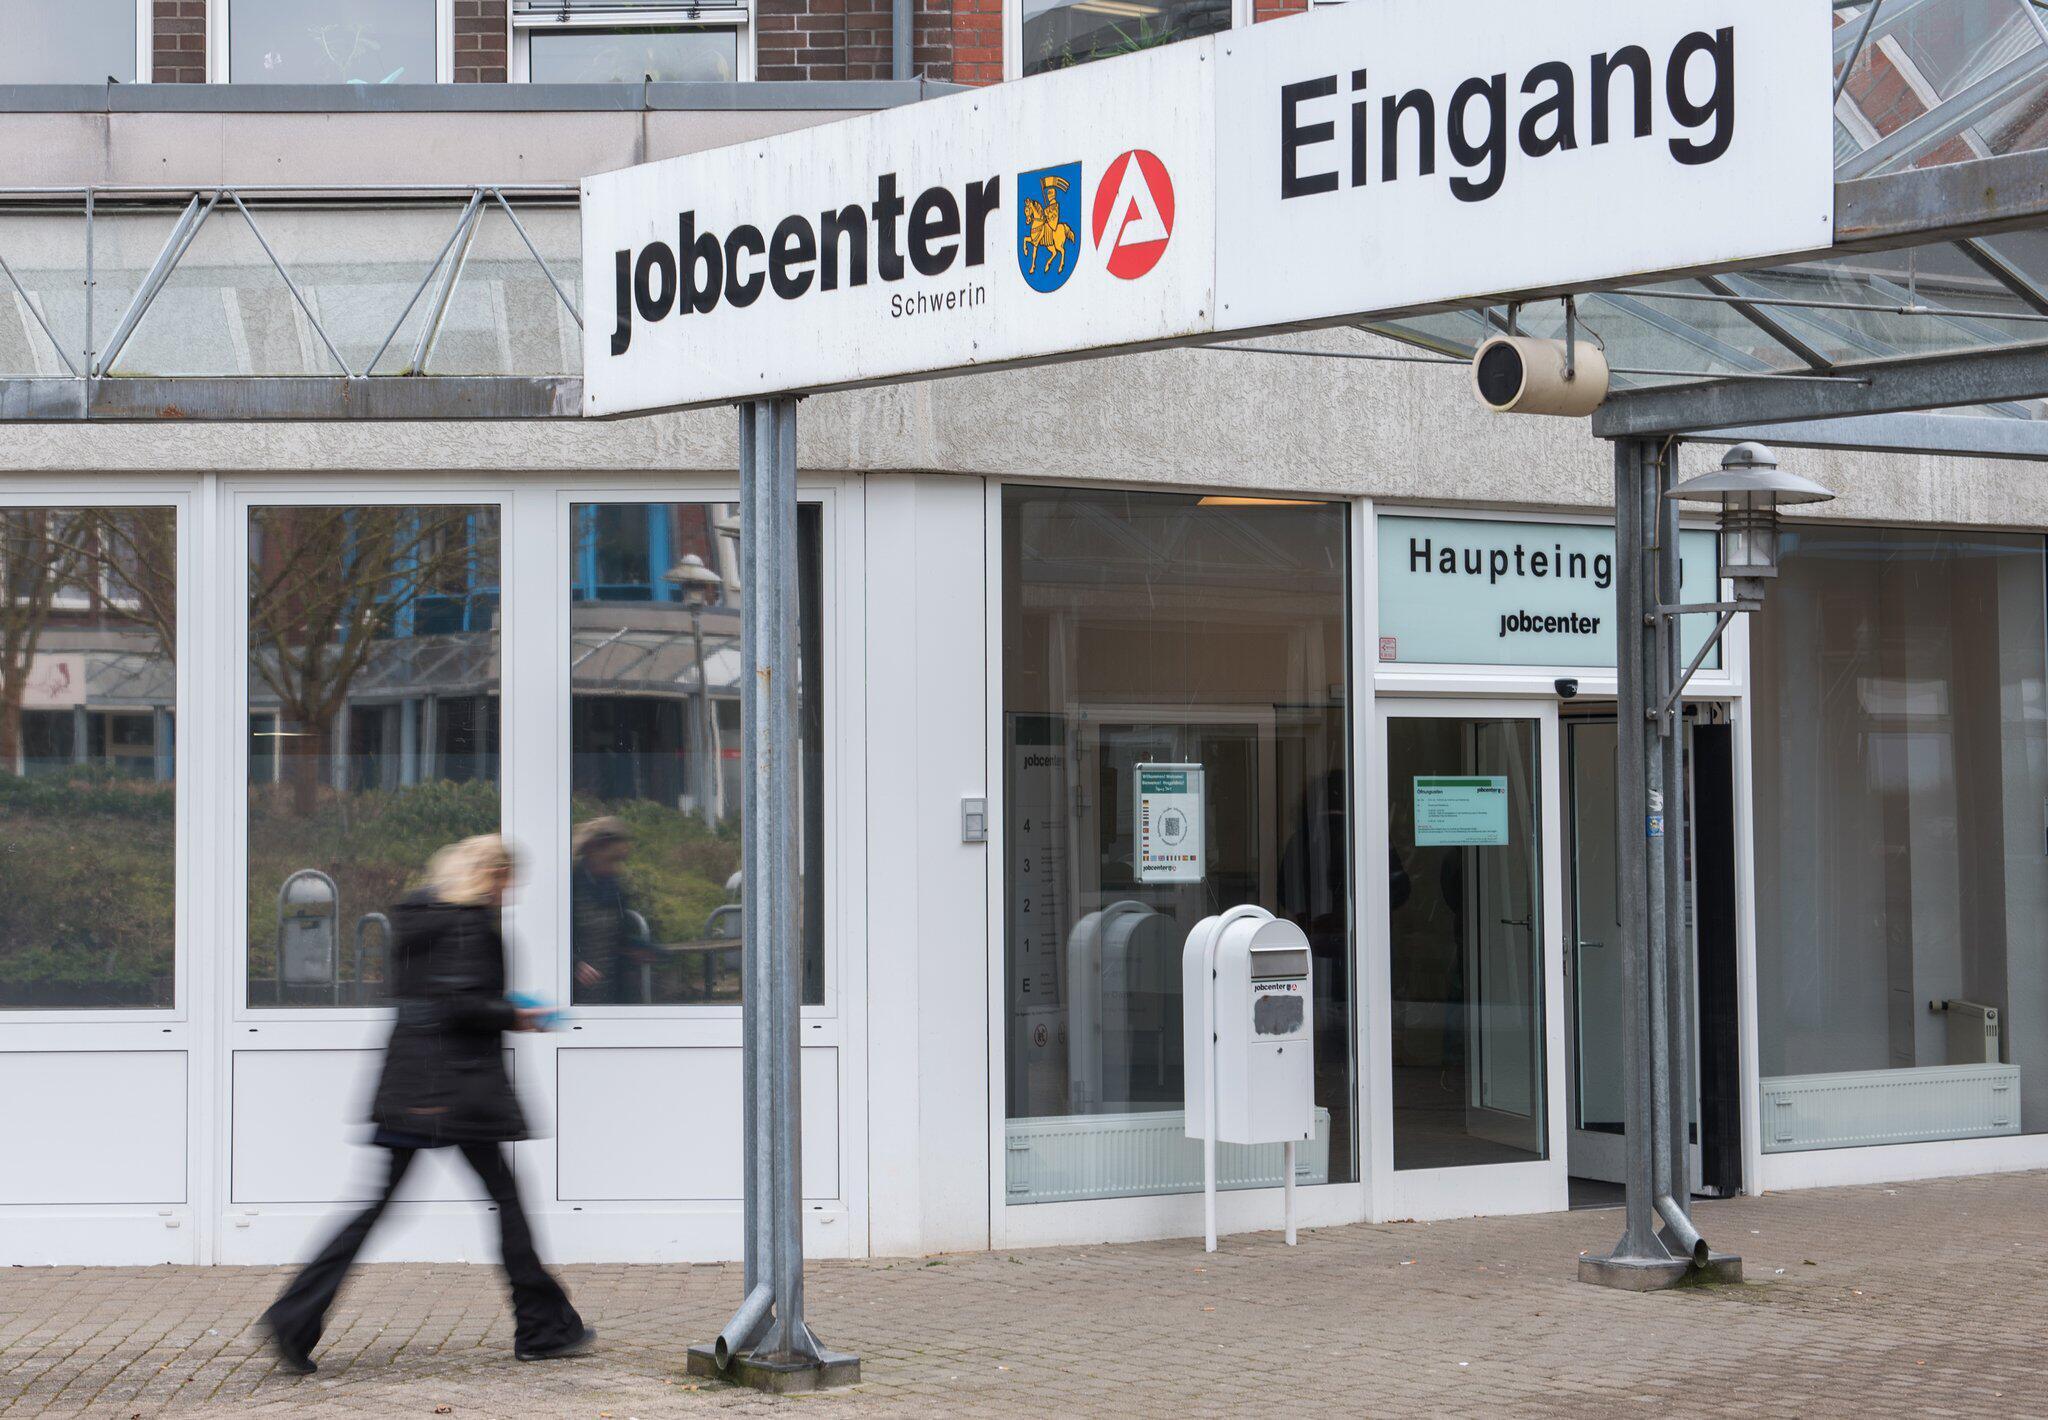 Arbeitslosenzahl steigt im Januar - weiter niedriges Niveau